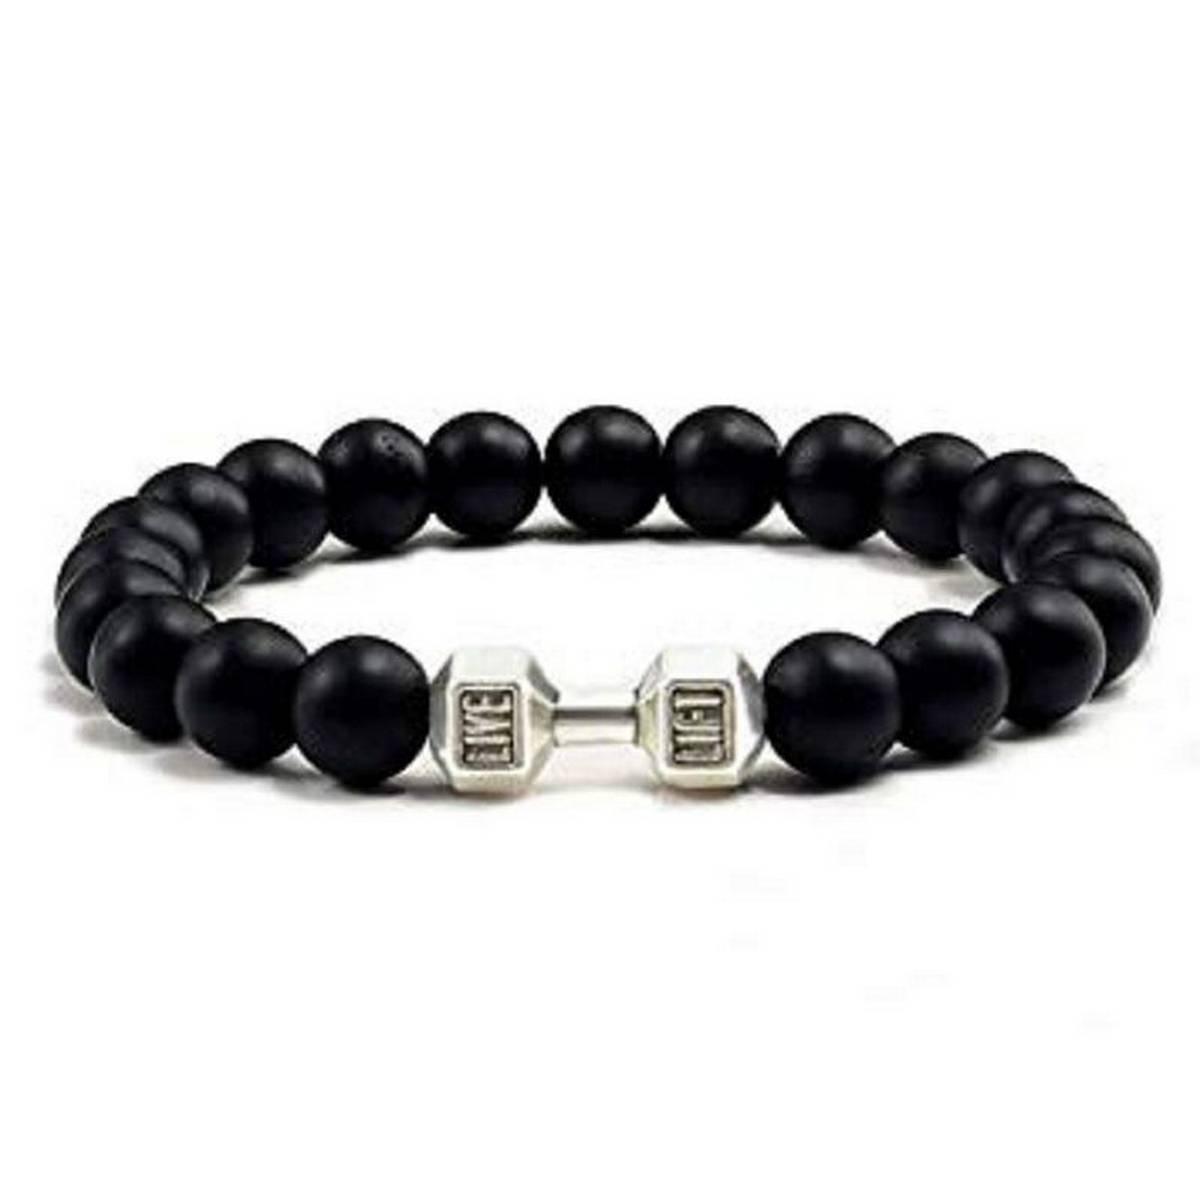 Dumbell Bracelet For Men - Black